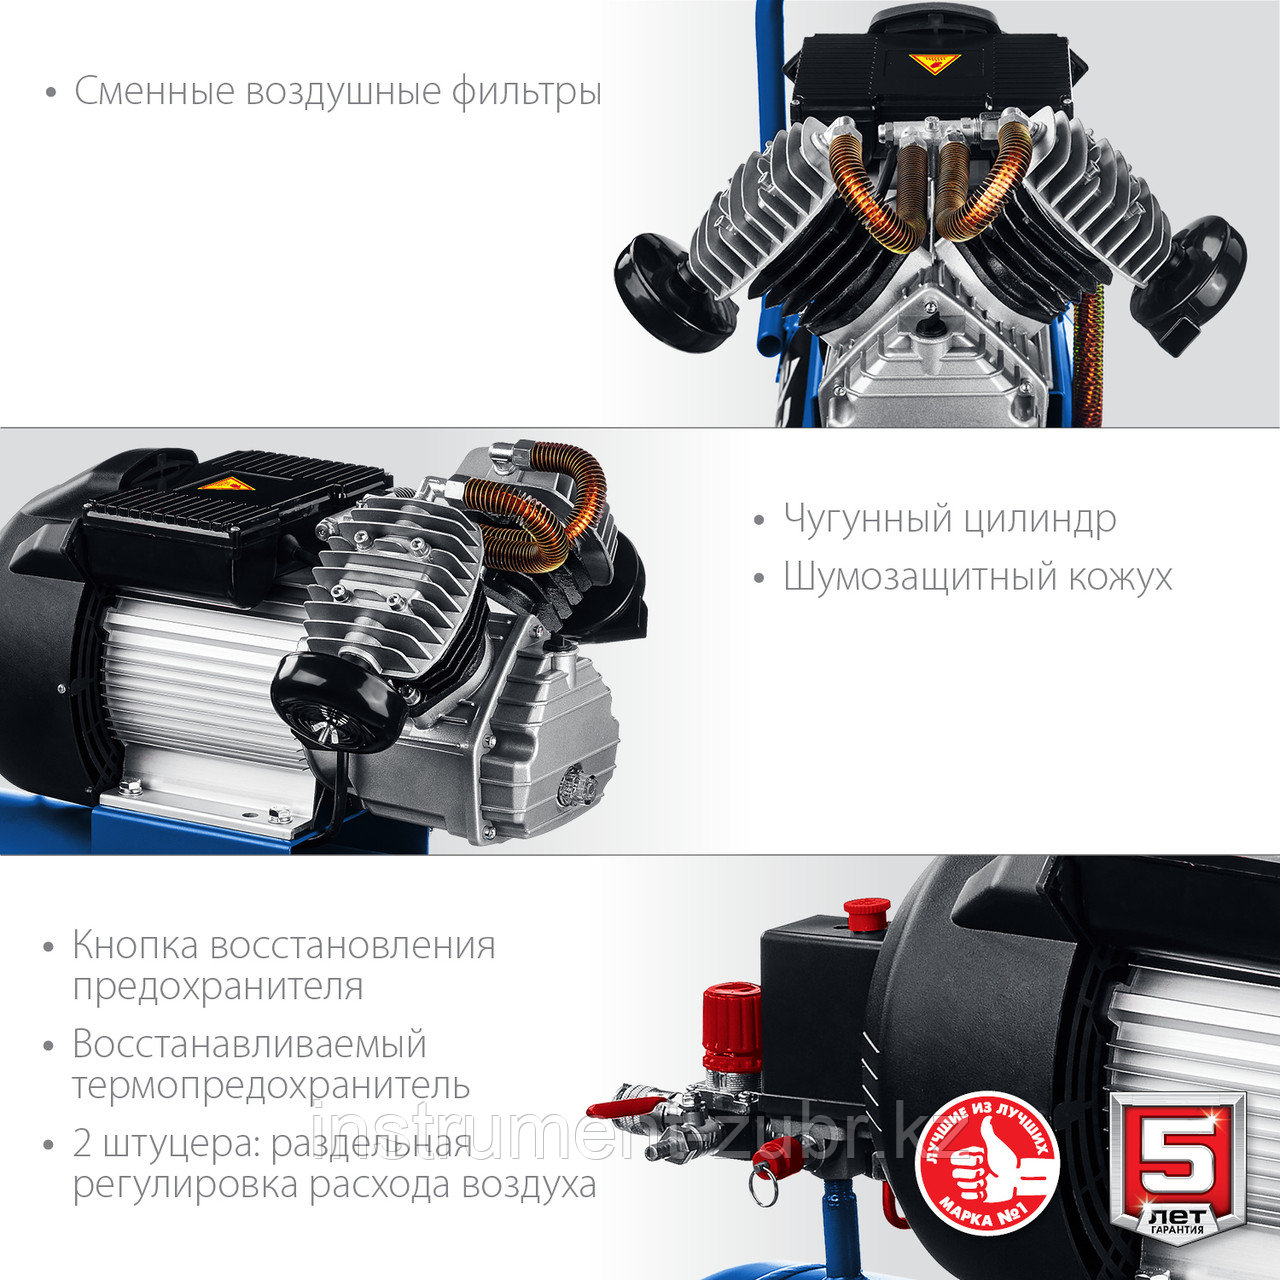 Компрессор воздушный, 400 л/мин, 50 л, 2200 Вт, ЗУБР - фото 6